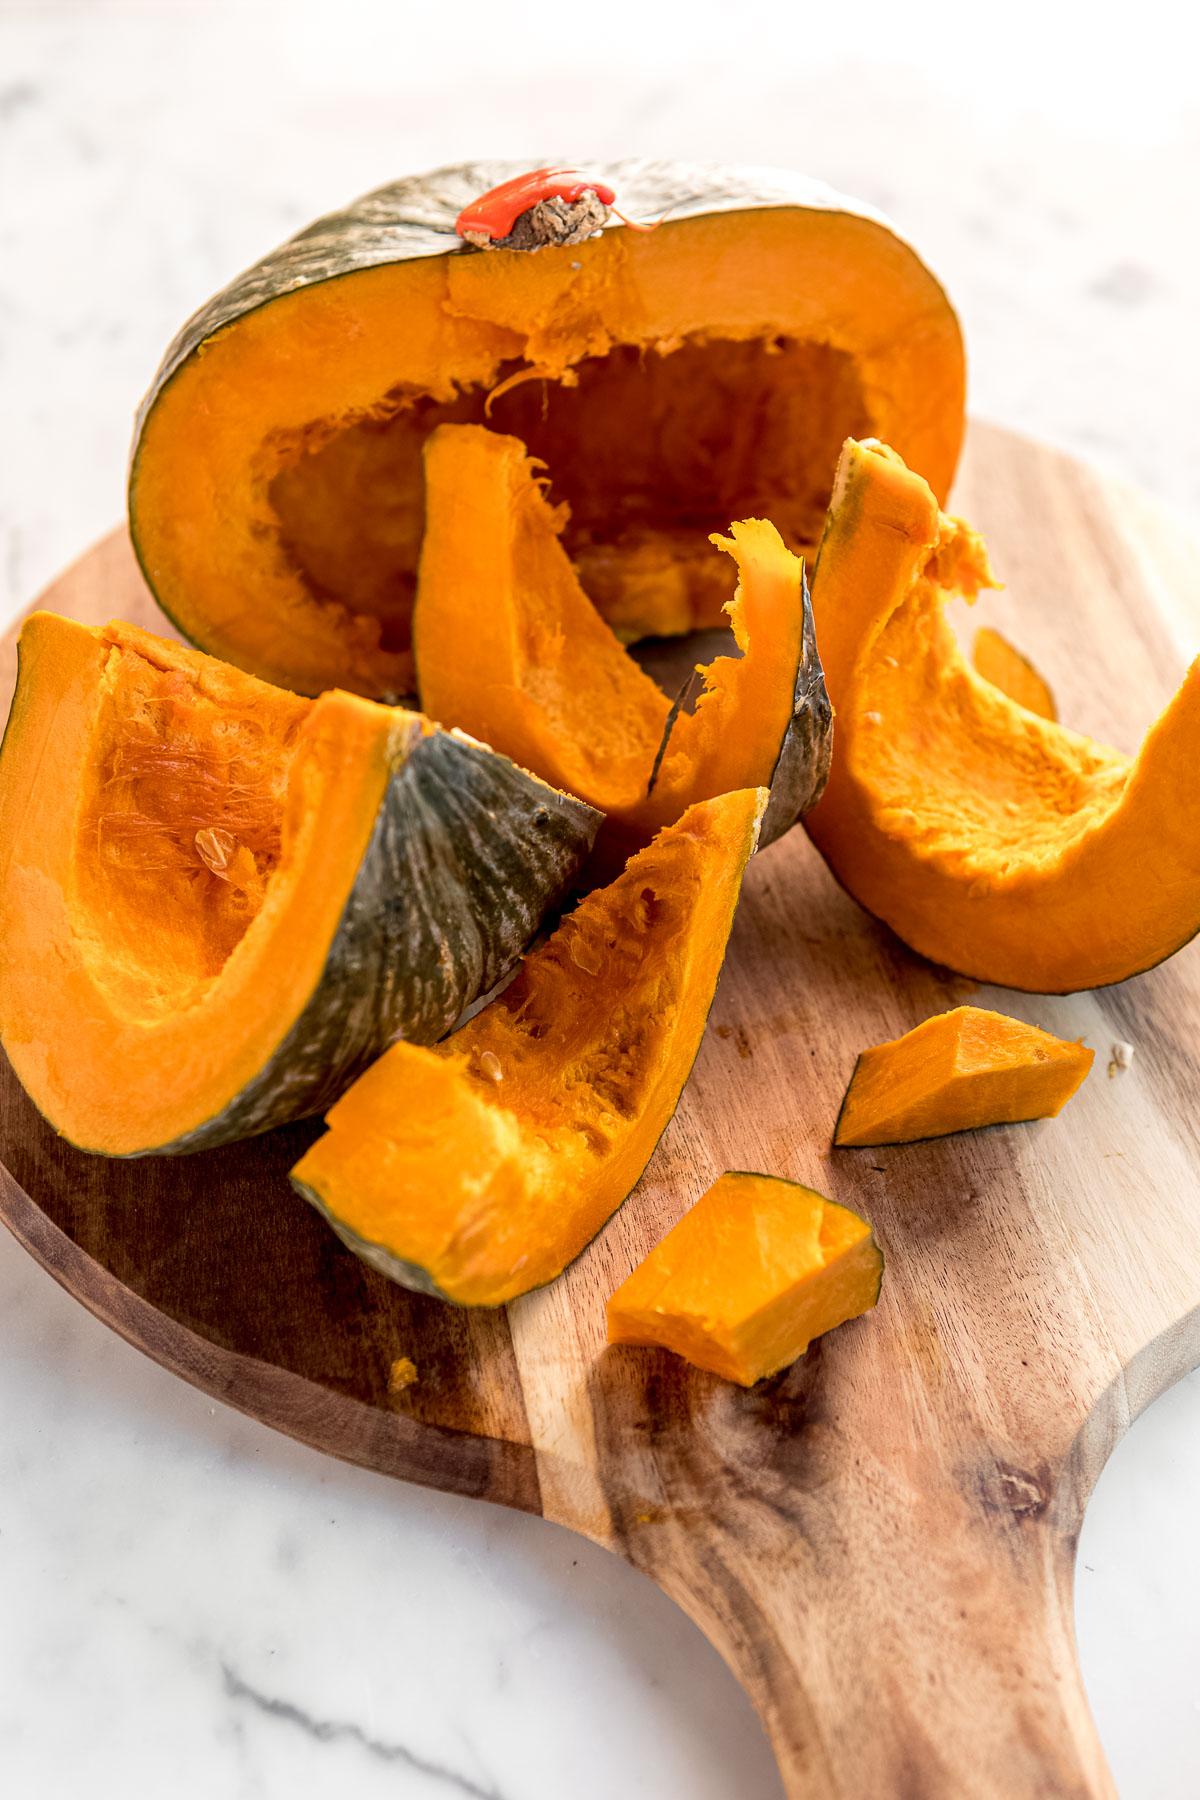 come pulire la zucca per preparare la ricetta dei COOKIES alla ZUCCA e CIOCCOLATO Vegan how to make homemade pumpkin puree for healthy VEGAN PUMPKIN CHOCOLATE CHIP COOKIES